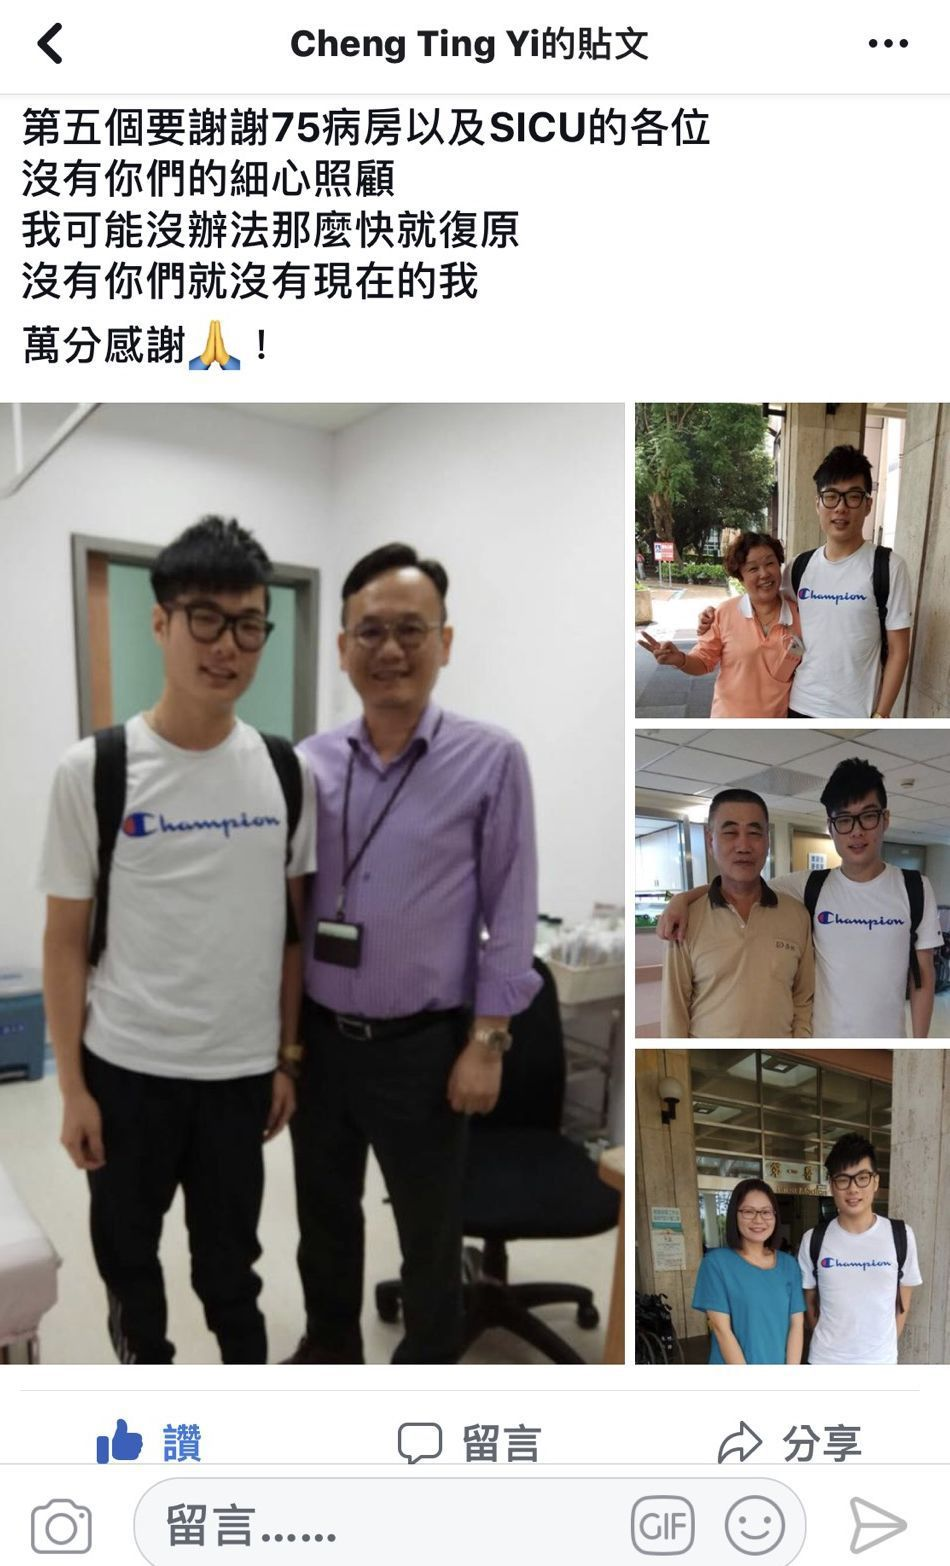 大學生鄭廷毅(左圖左)騎車摔斷腿,經醫師陳志輝(左圖右)等人的醫治,如今復學,他...